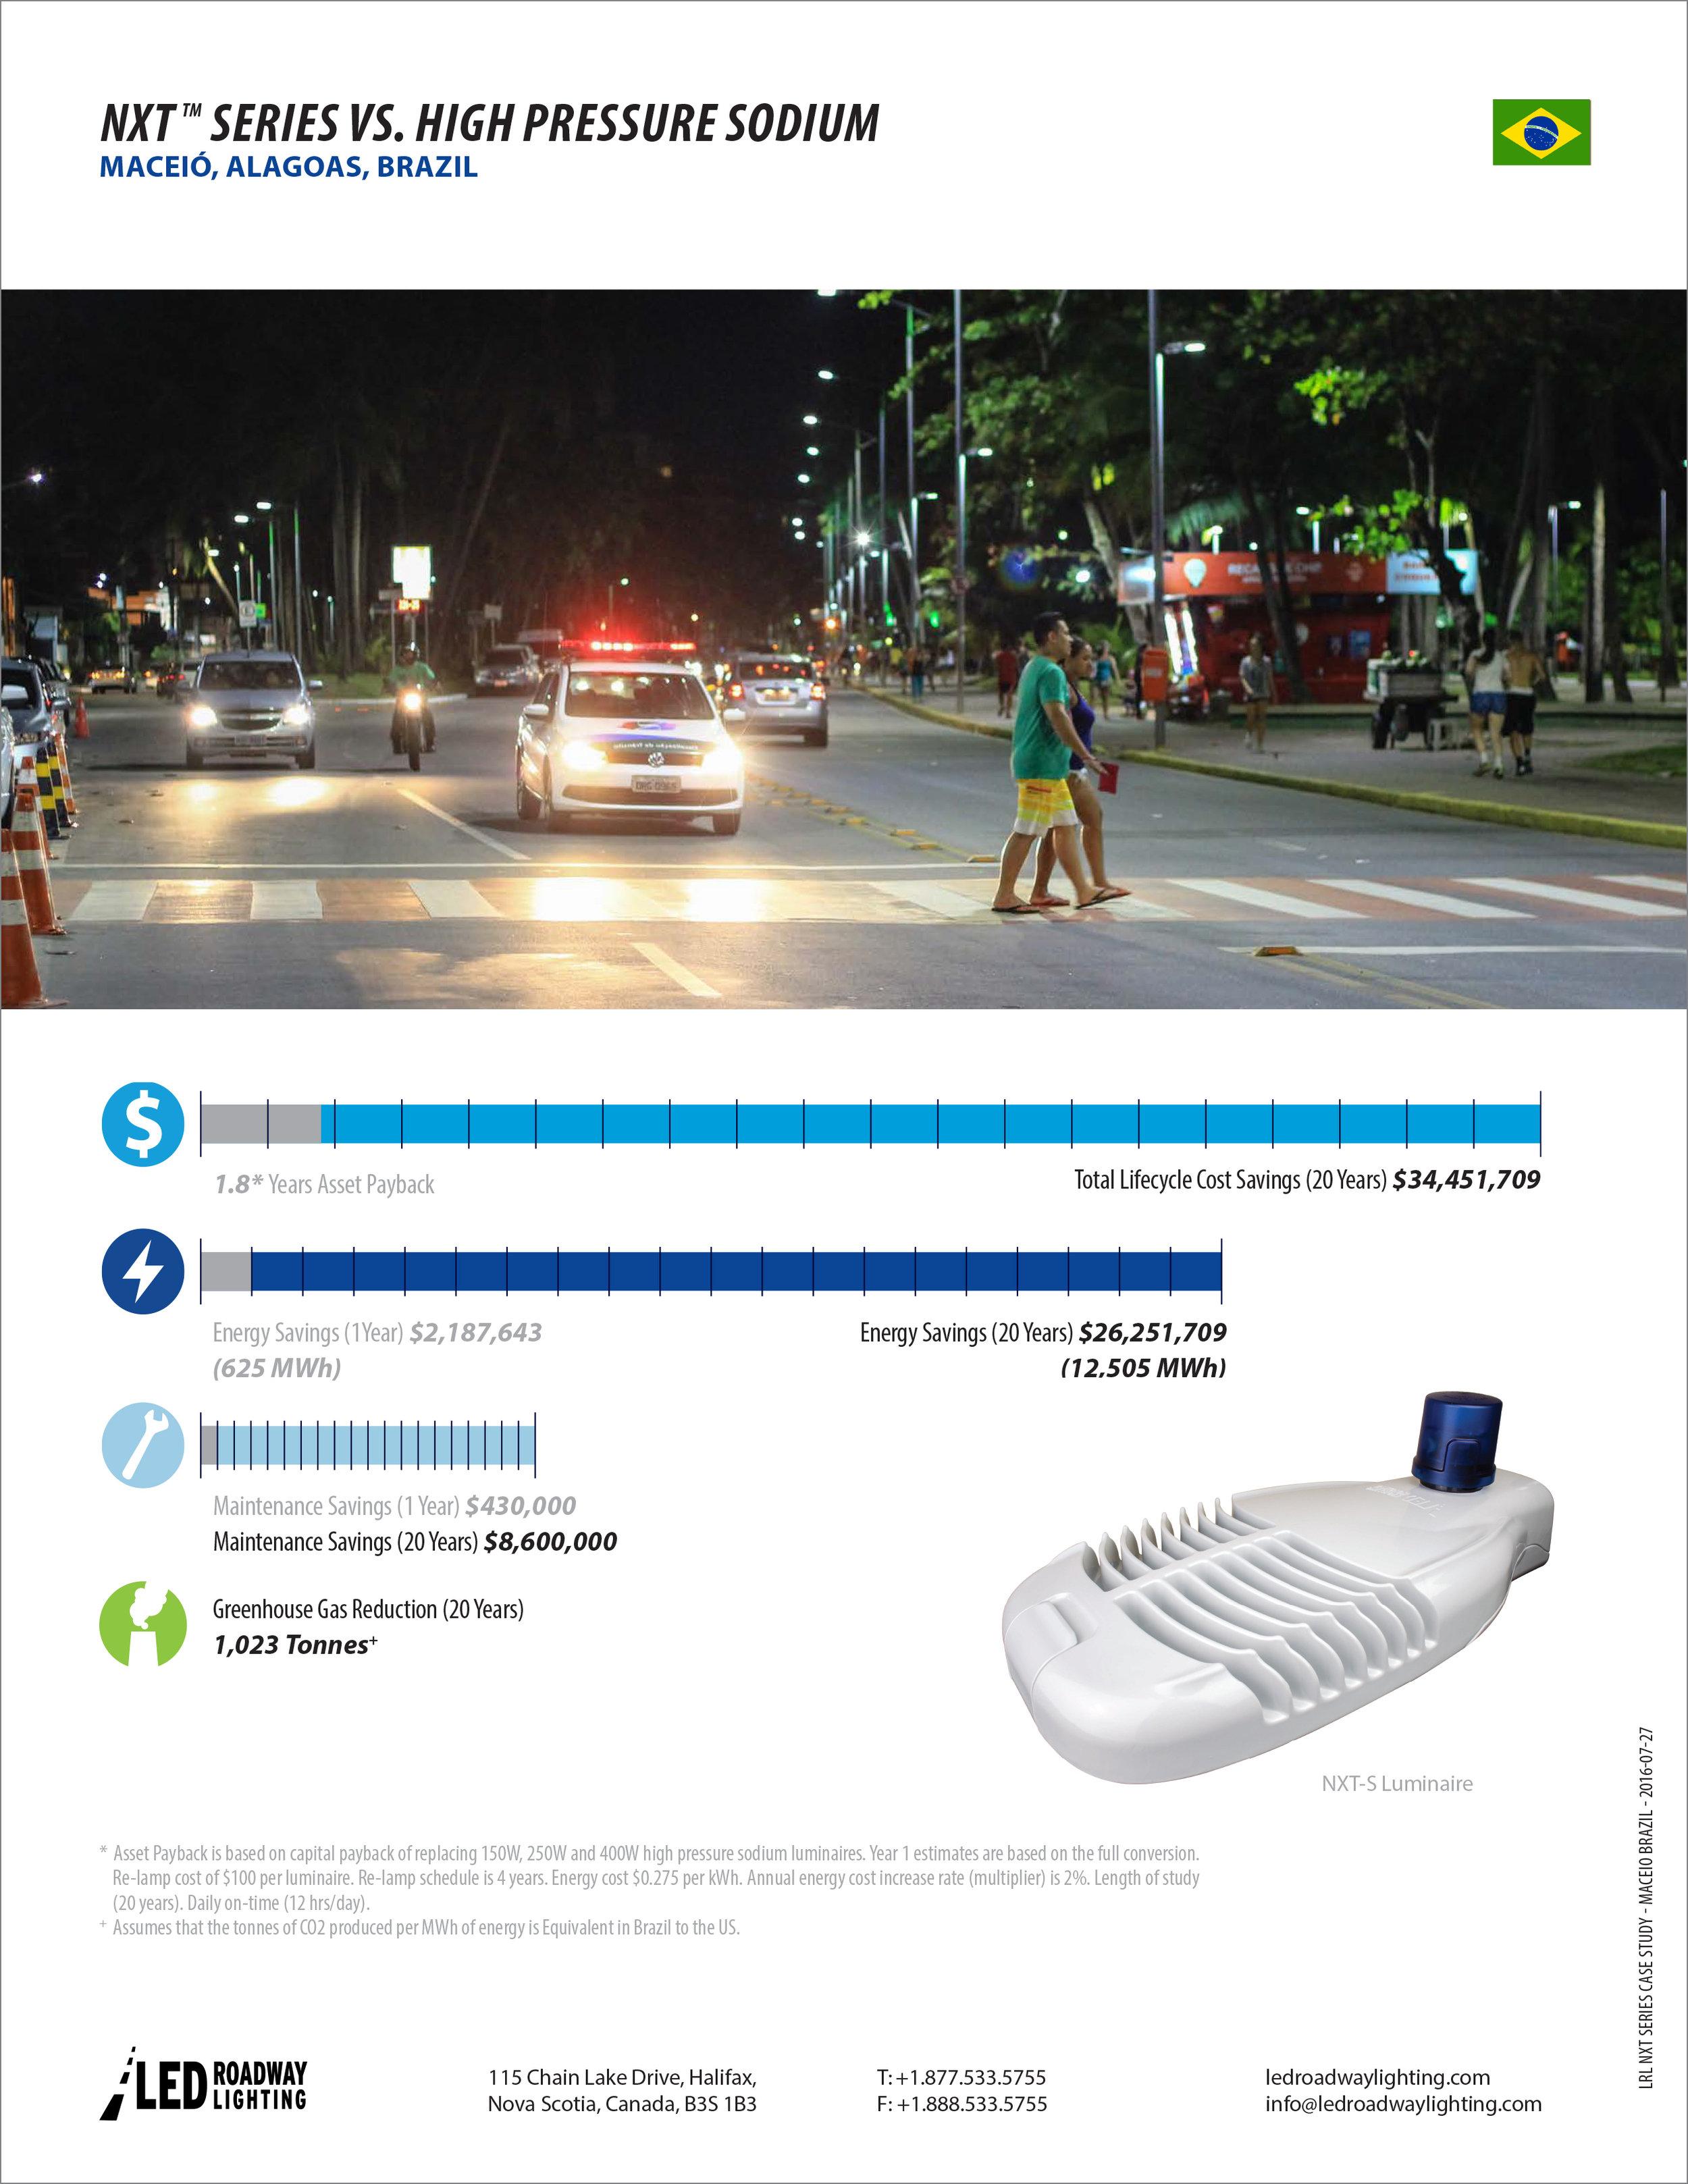 LRL_NXT_Roadway_Case_Study_Maceio_Brazil_EN-2.jpg